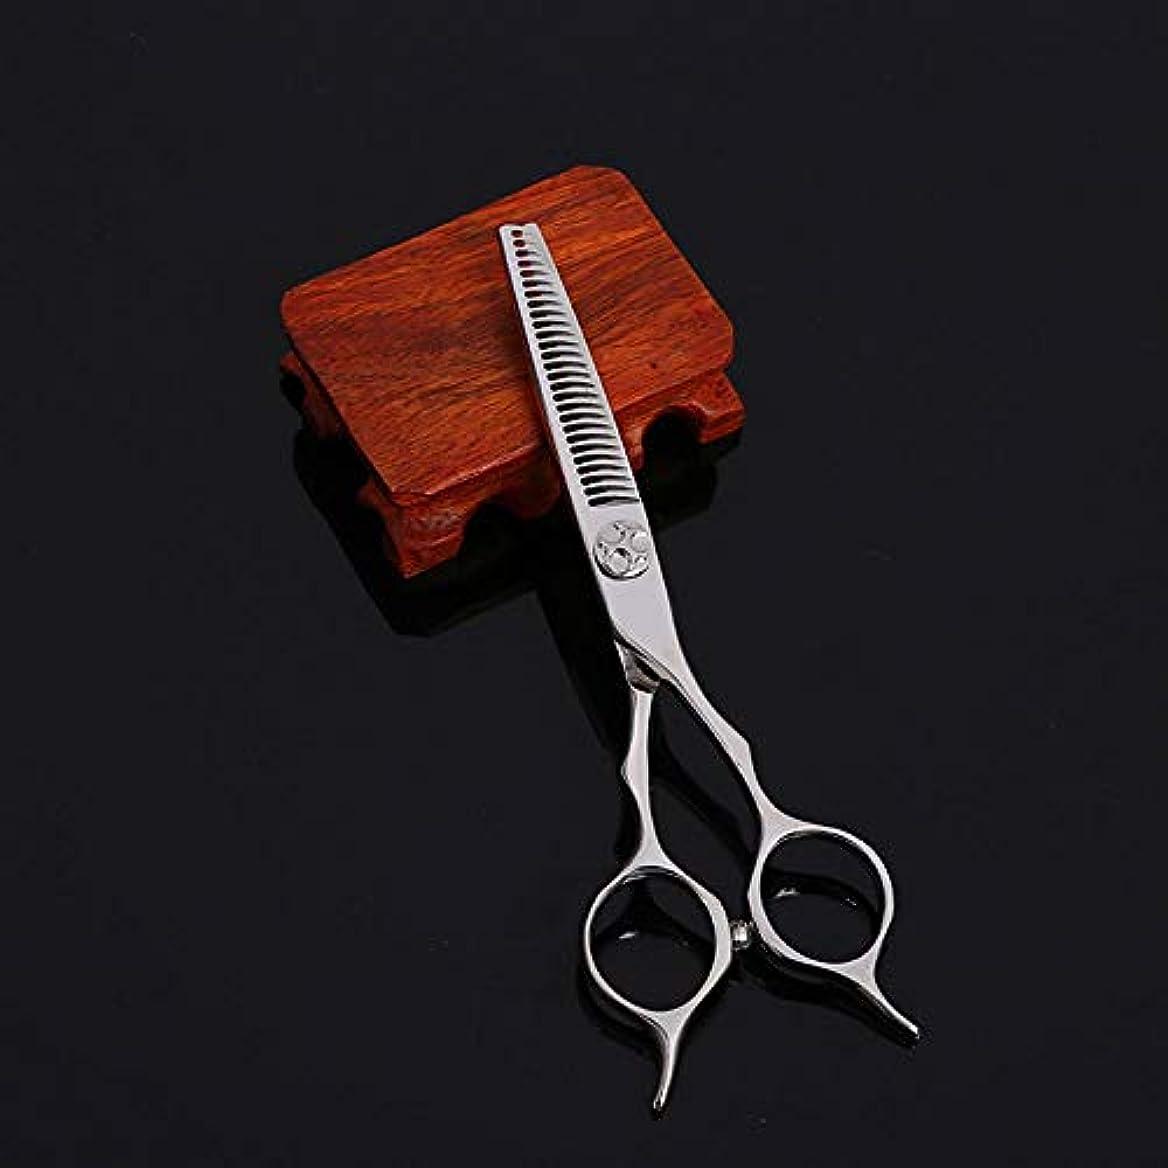 大臣エリートカップルWASAIO シアーズはさみセットヘアカット5.5インチカービング美容専門ステンレス鋼理容美容サロンテクスチャーレイザーエッジシザー髪 (色 : Silver)